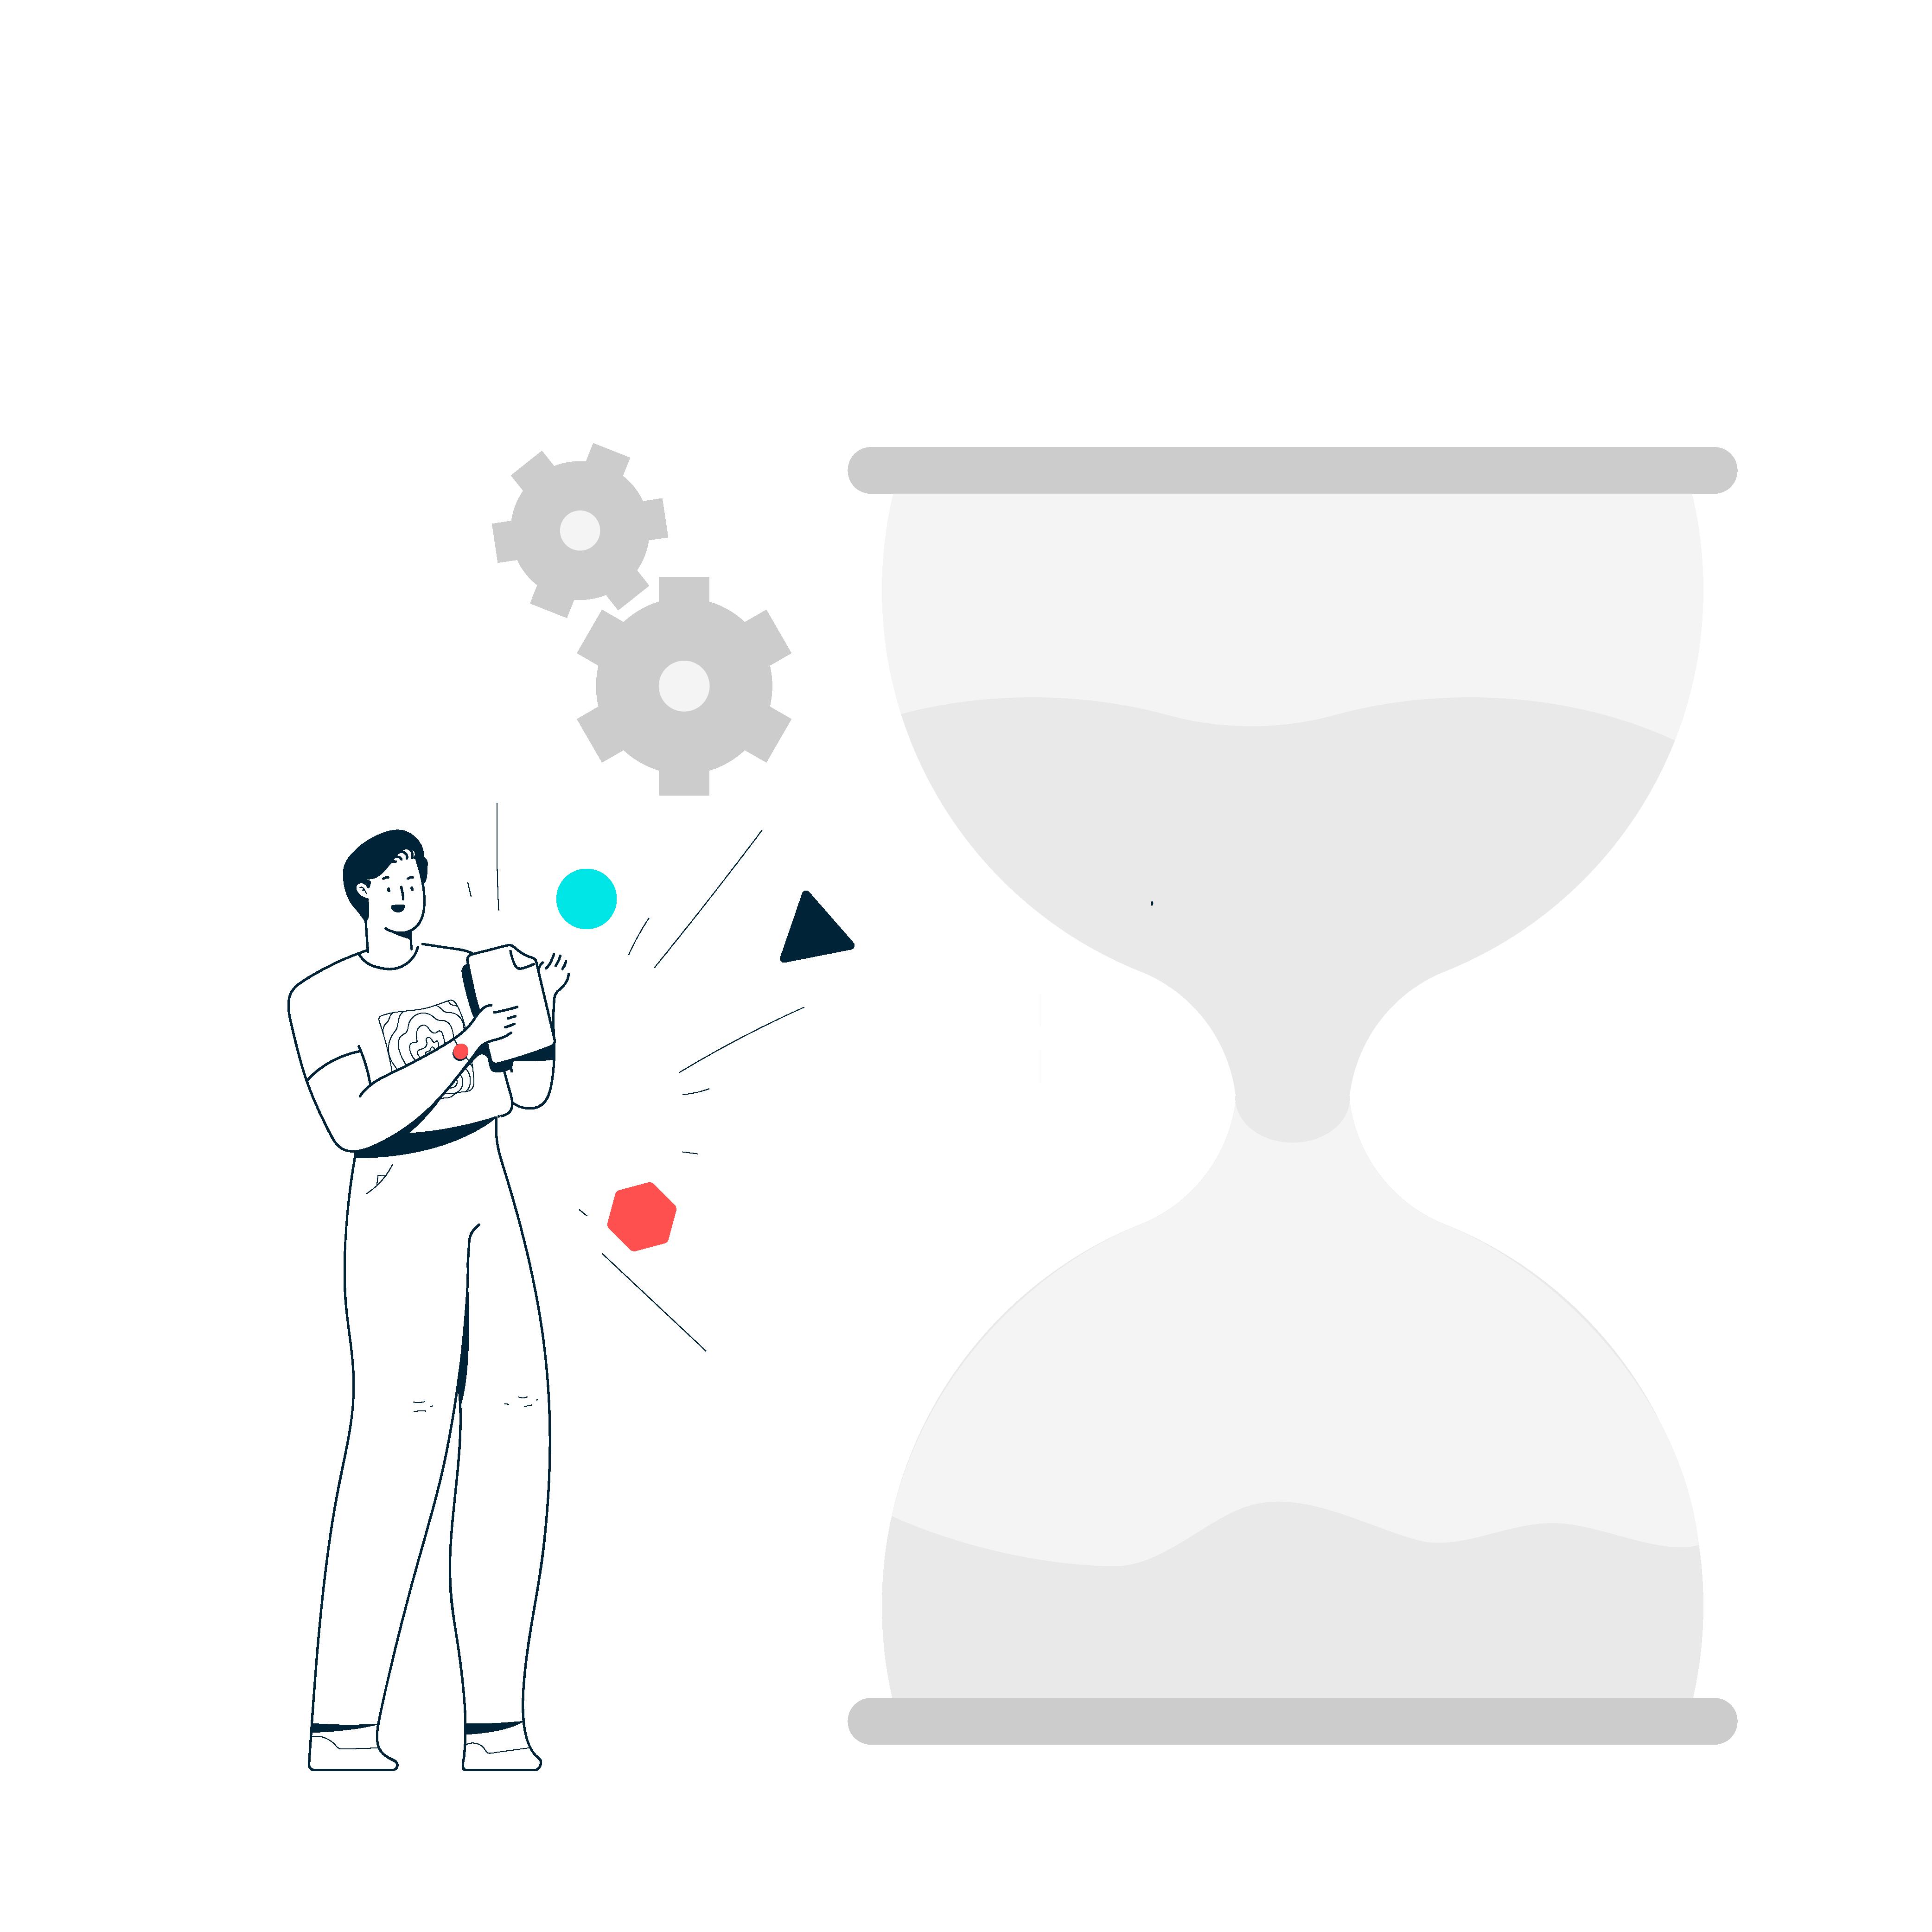 Minimizar la fase de búsqueda de un agente